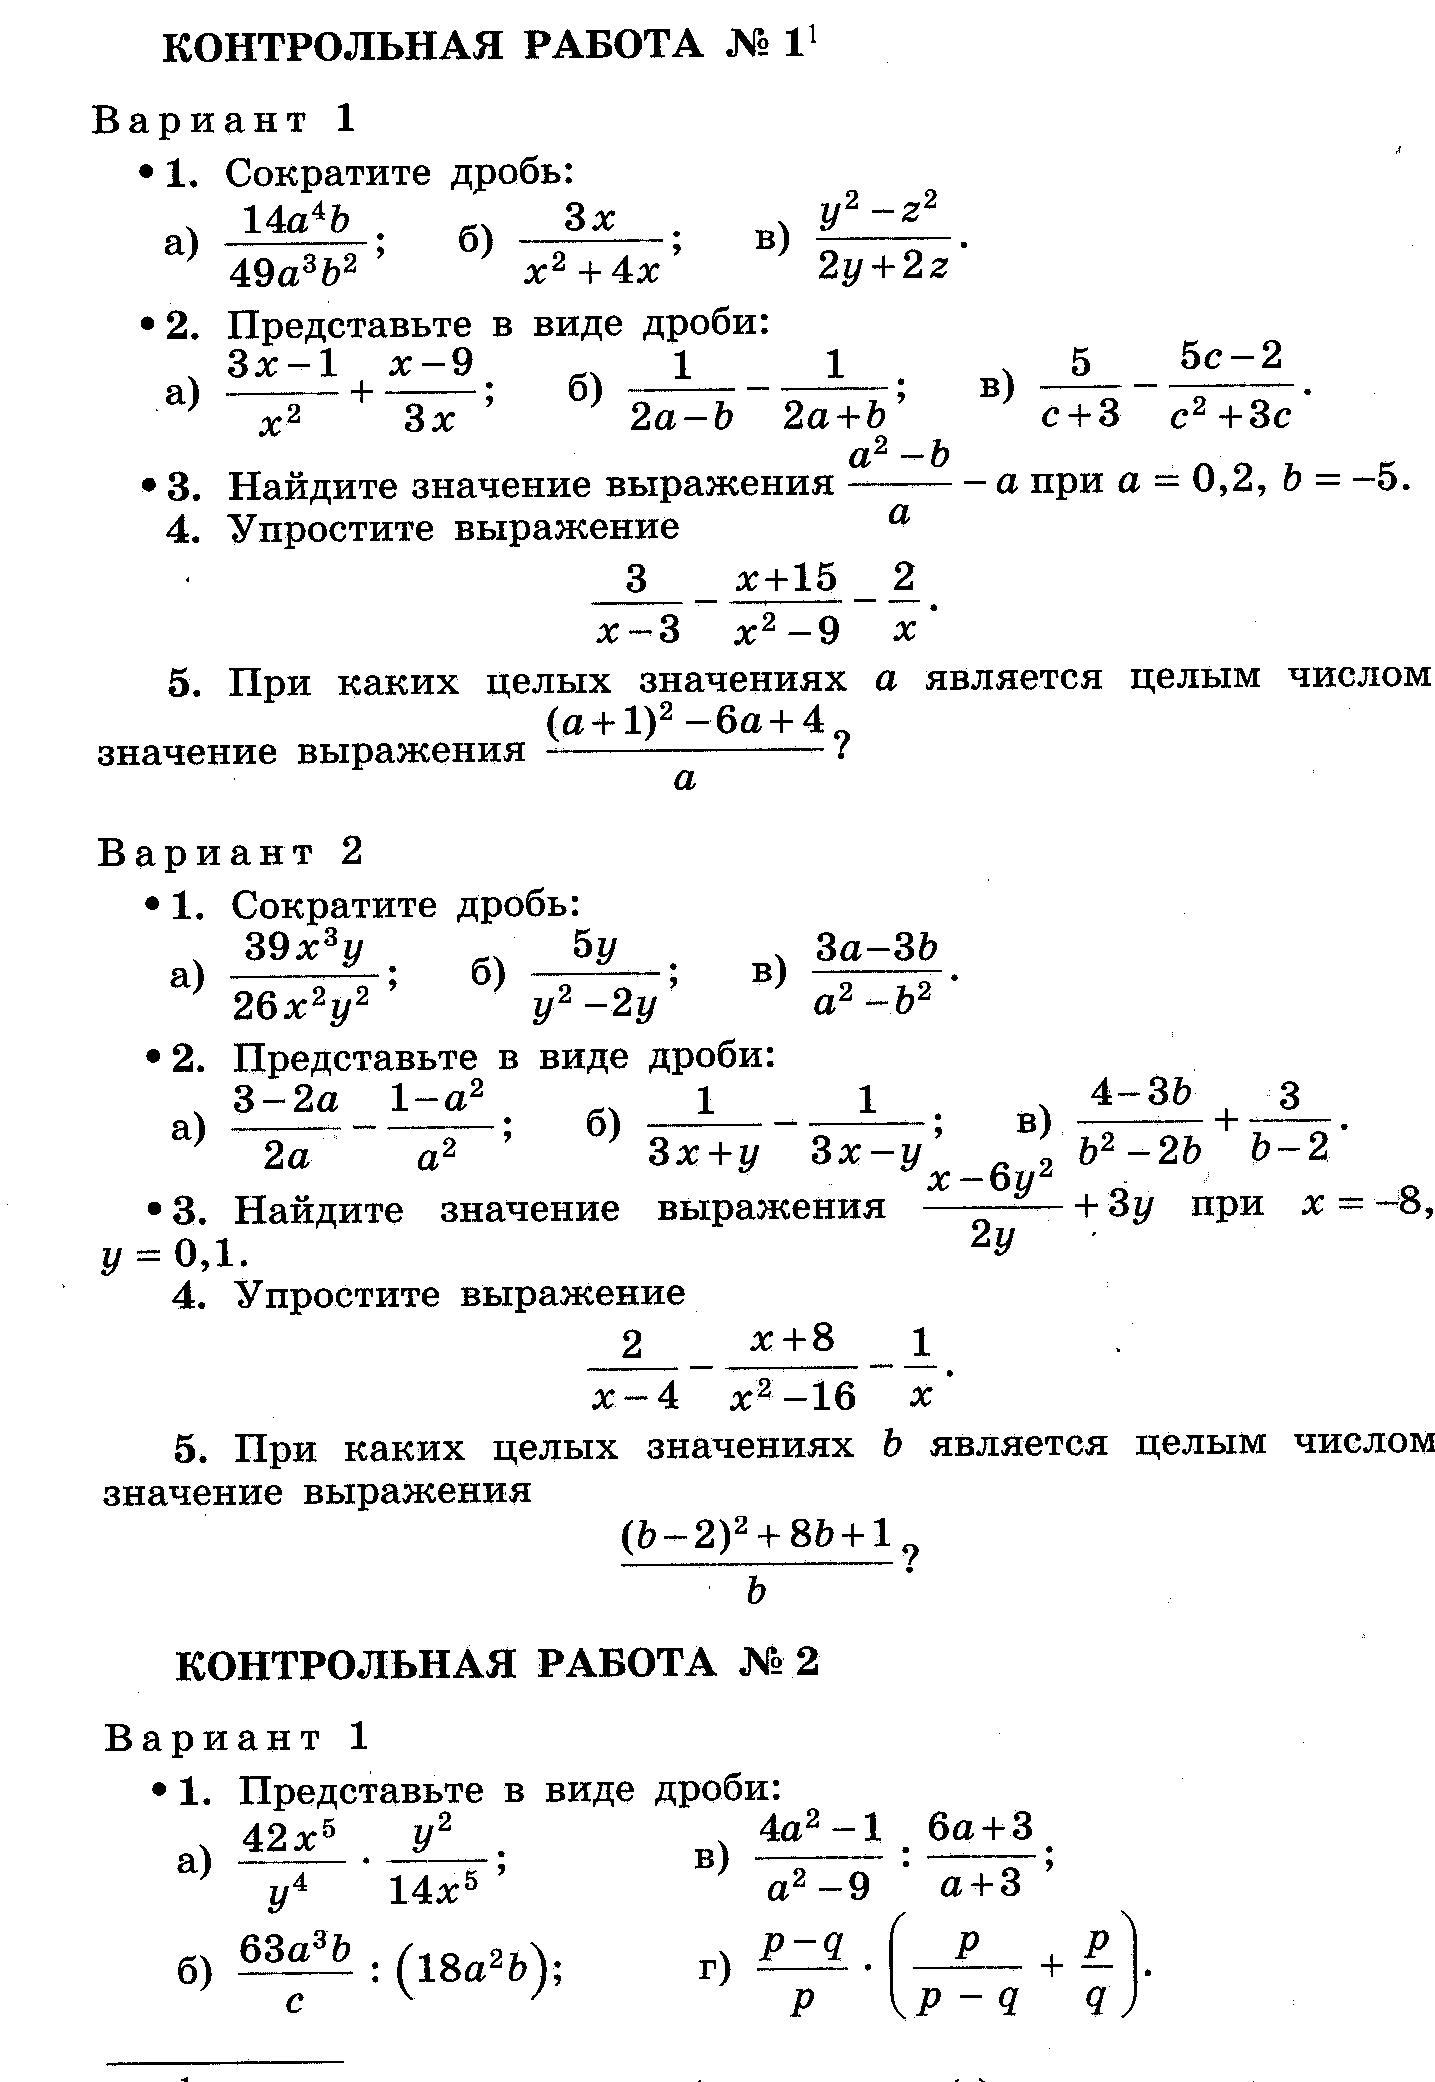 Контрольная работа номер 3 вариант 1 по алгебре 7405